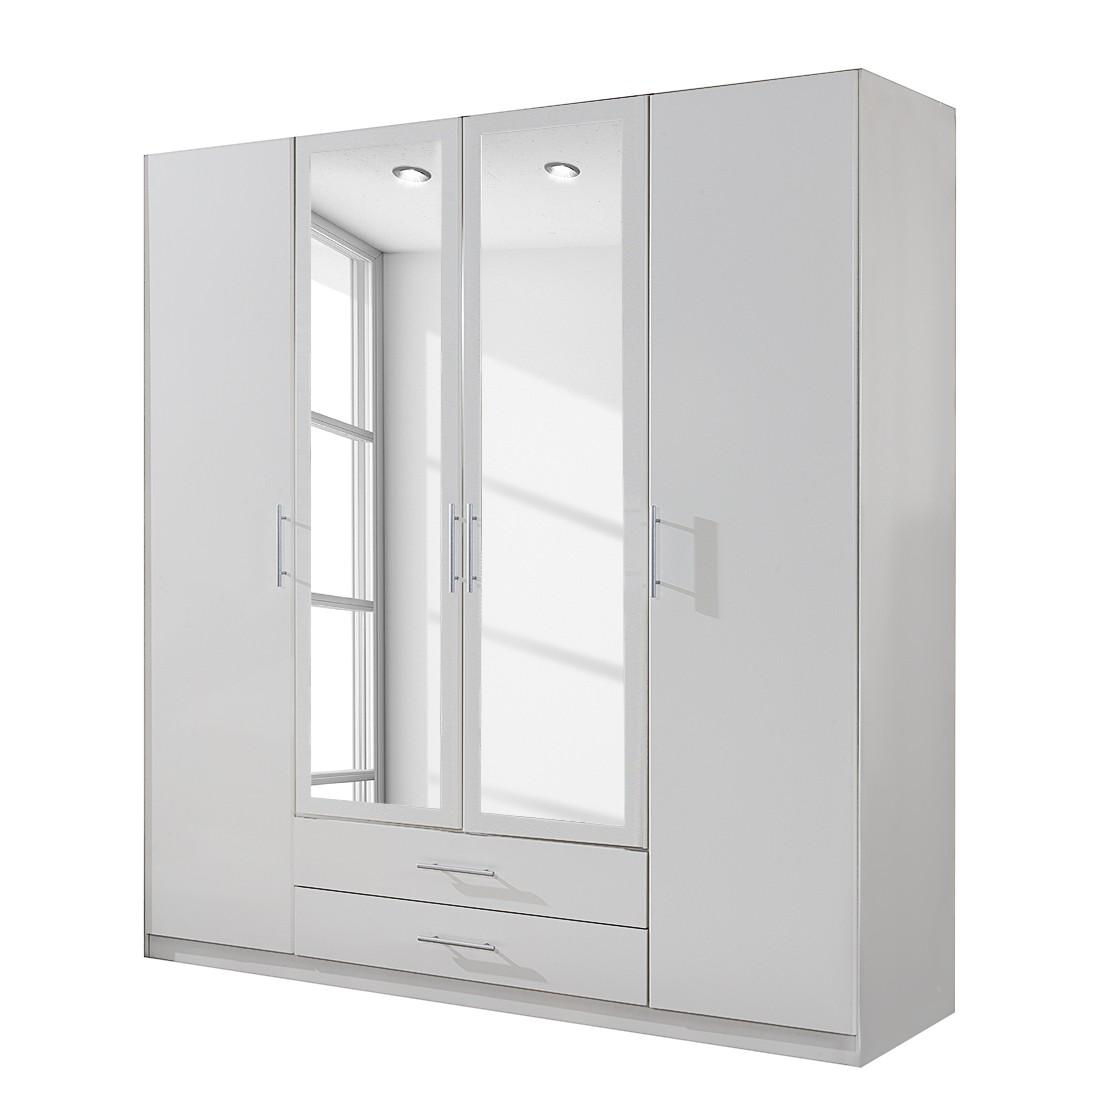 Armadio Larghezza 95 Cm ~ Idee per il design della casa